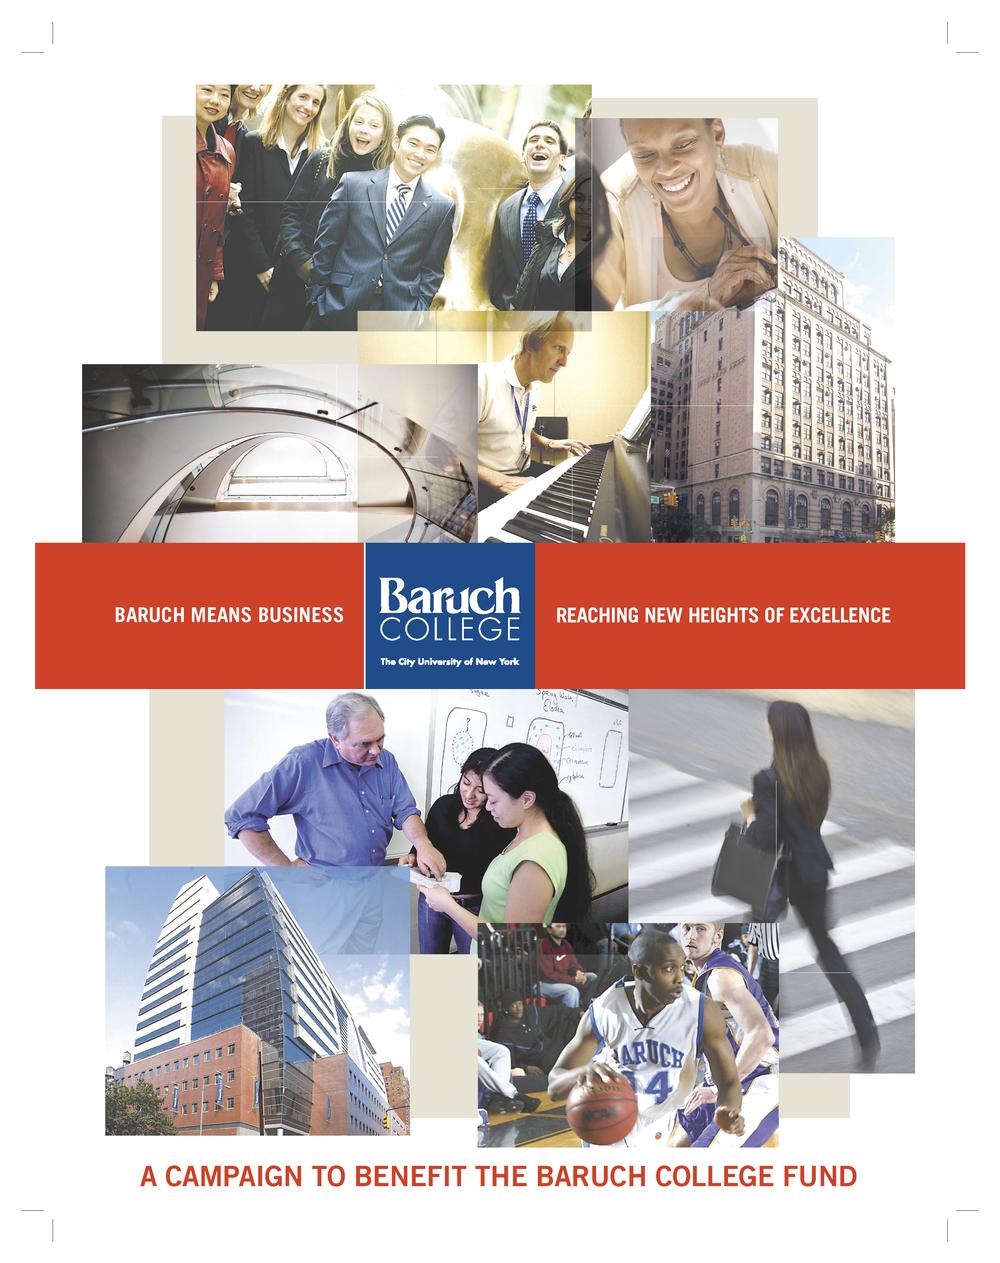 BaruchCollege_Handout_8_5x11_Page_1.jpg